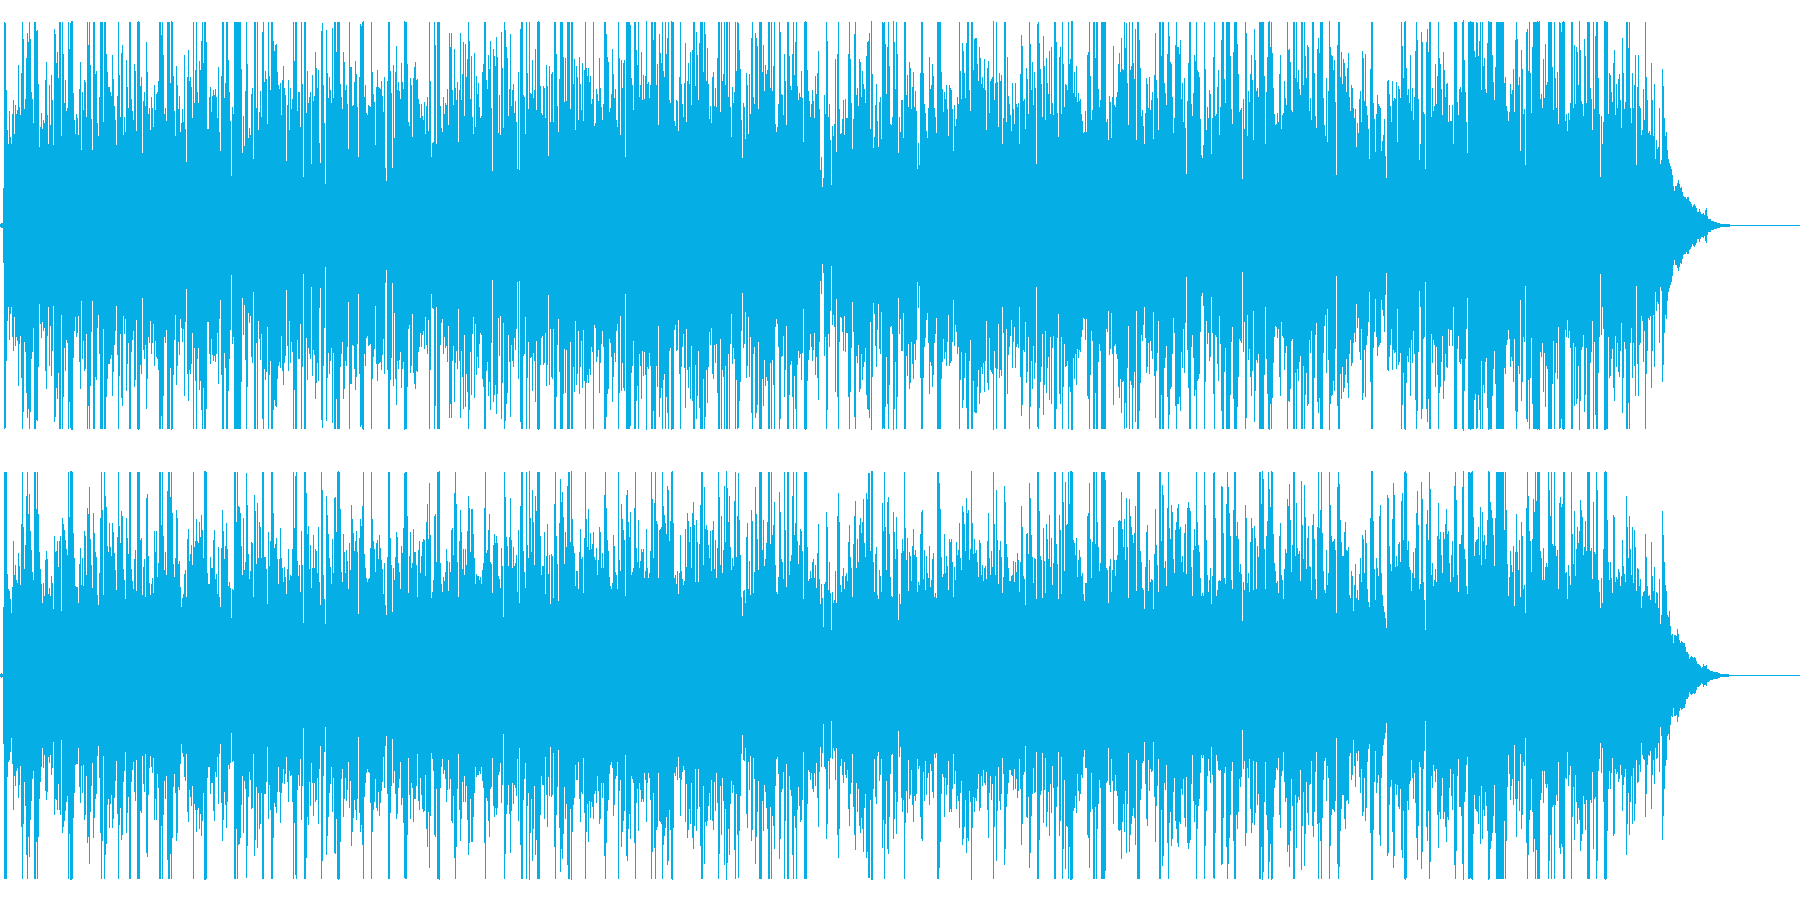 プロ生演奏アイリッシュケルトバイオリンの再生済みの波形